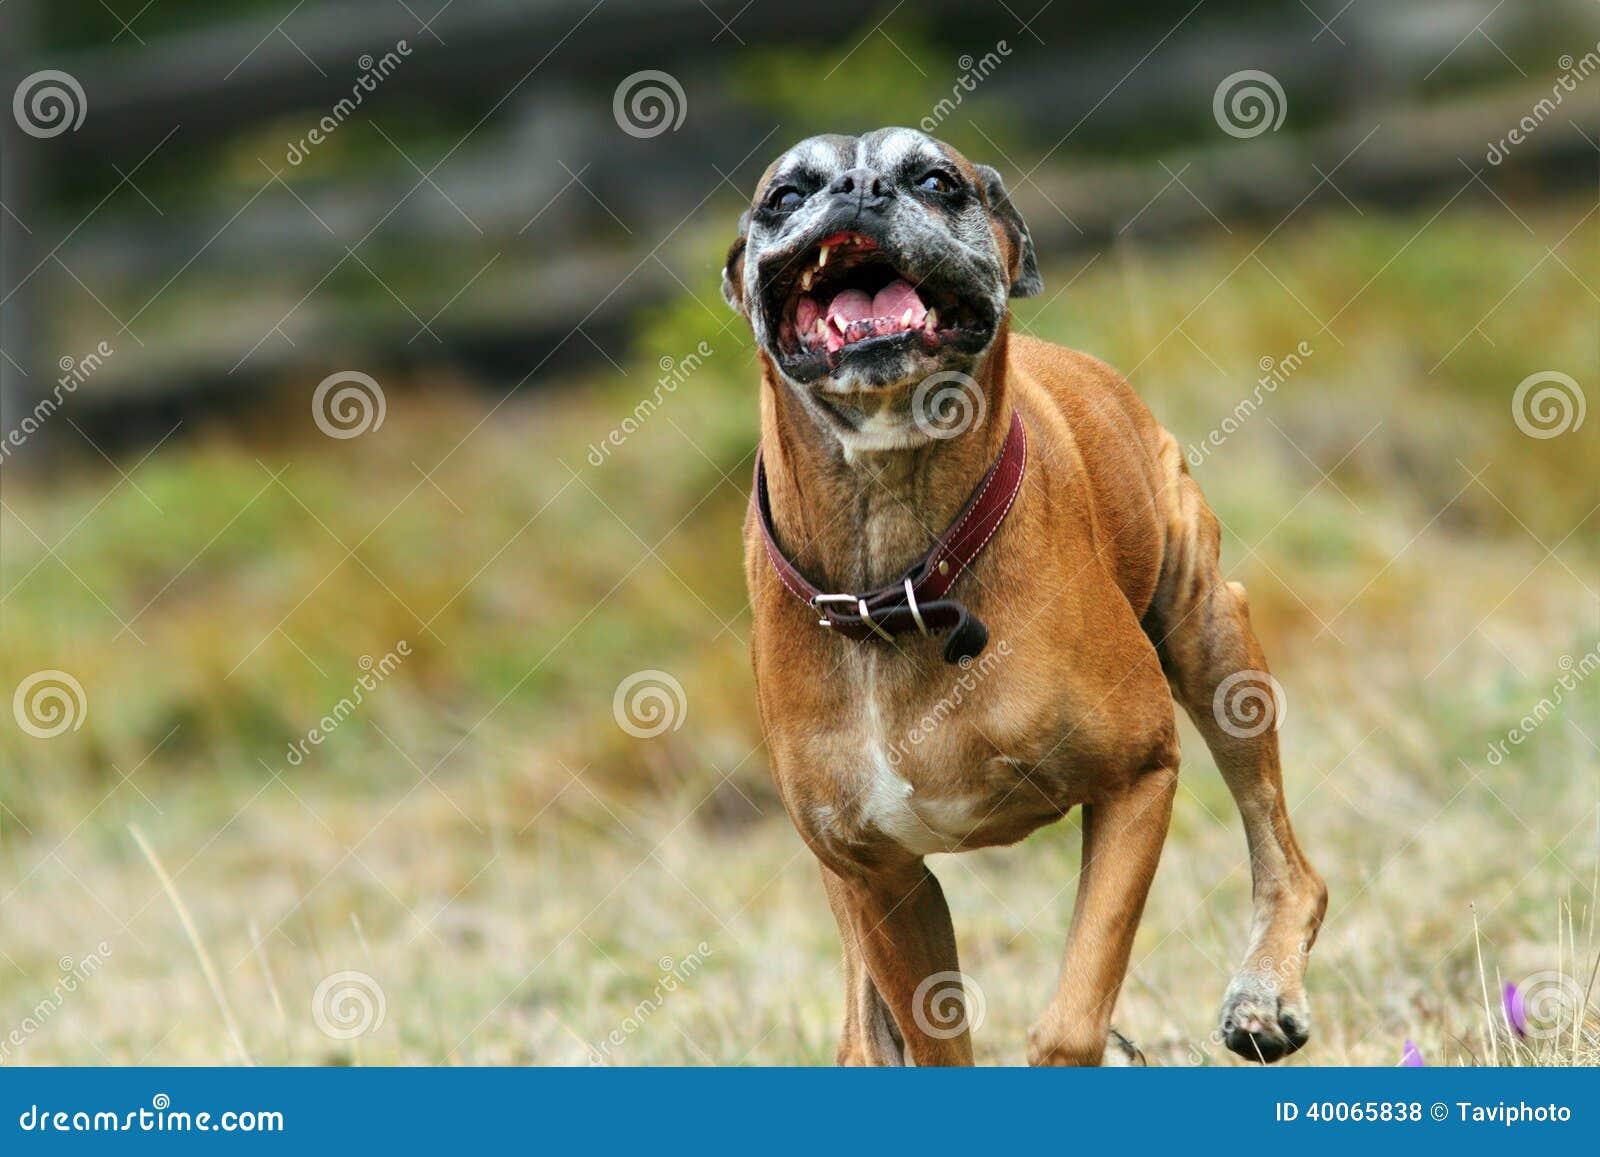 Angry boxer dog teeth - photo#16